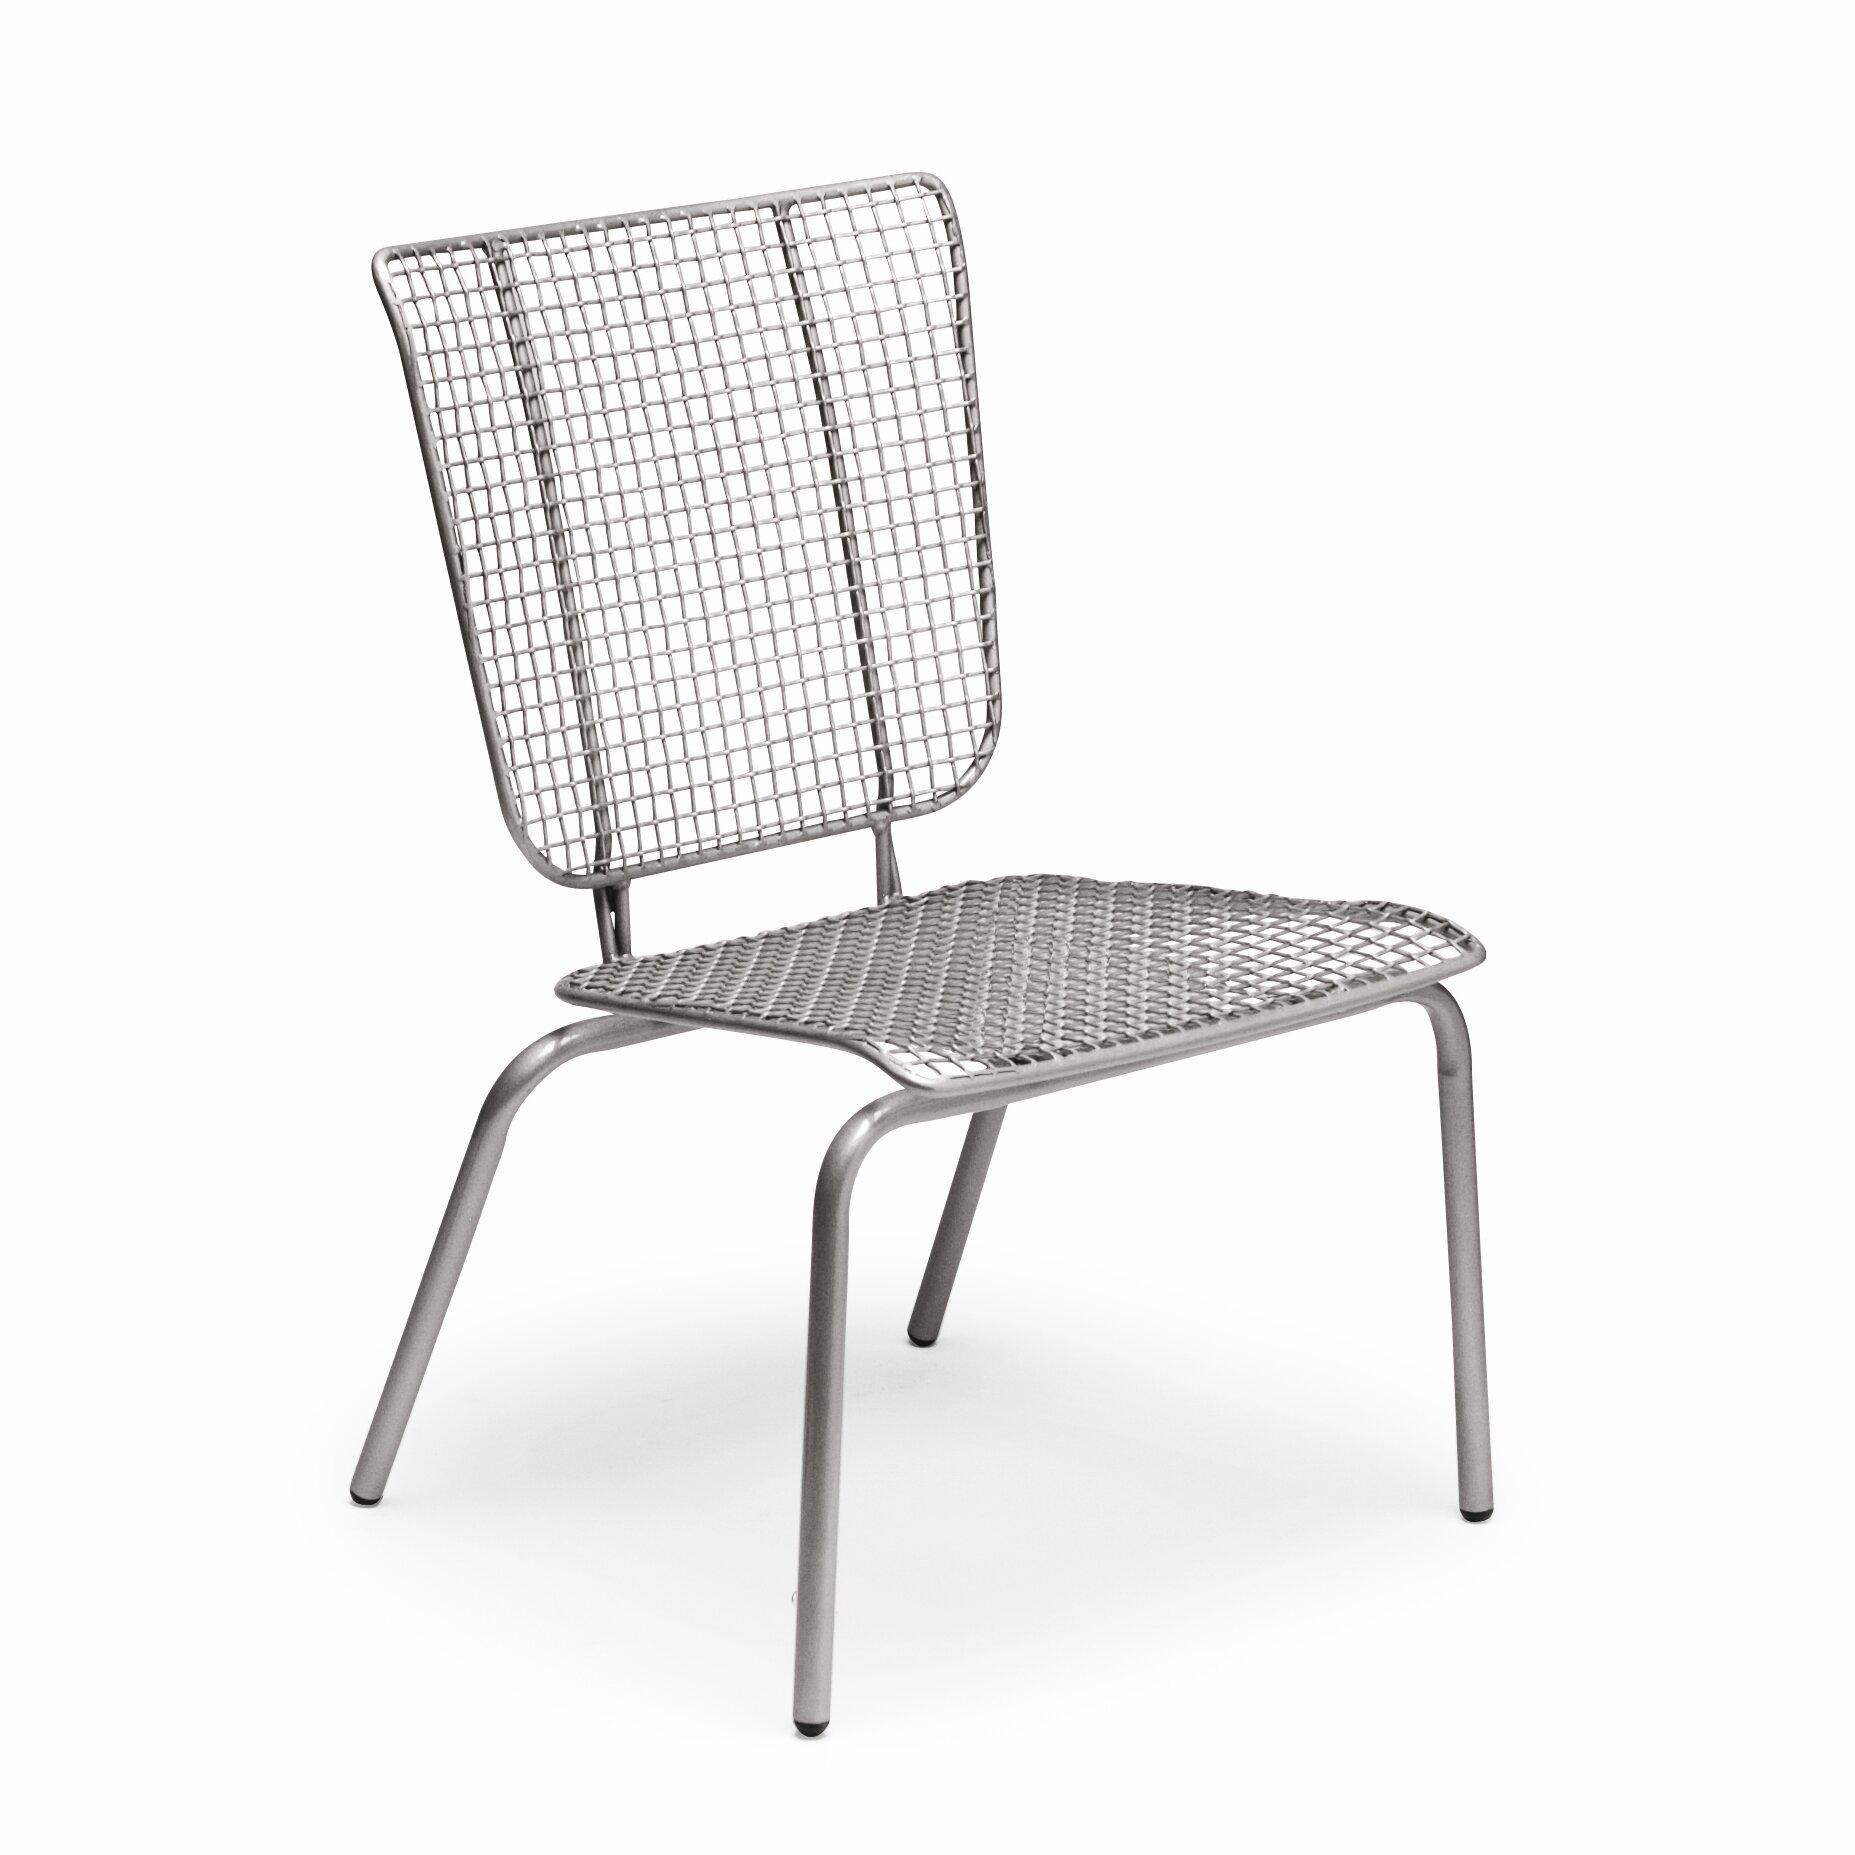 Patio Furniture Materials Guide | Wayfair